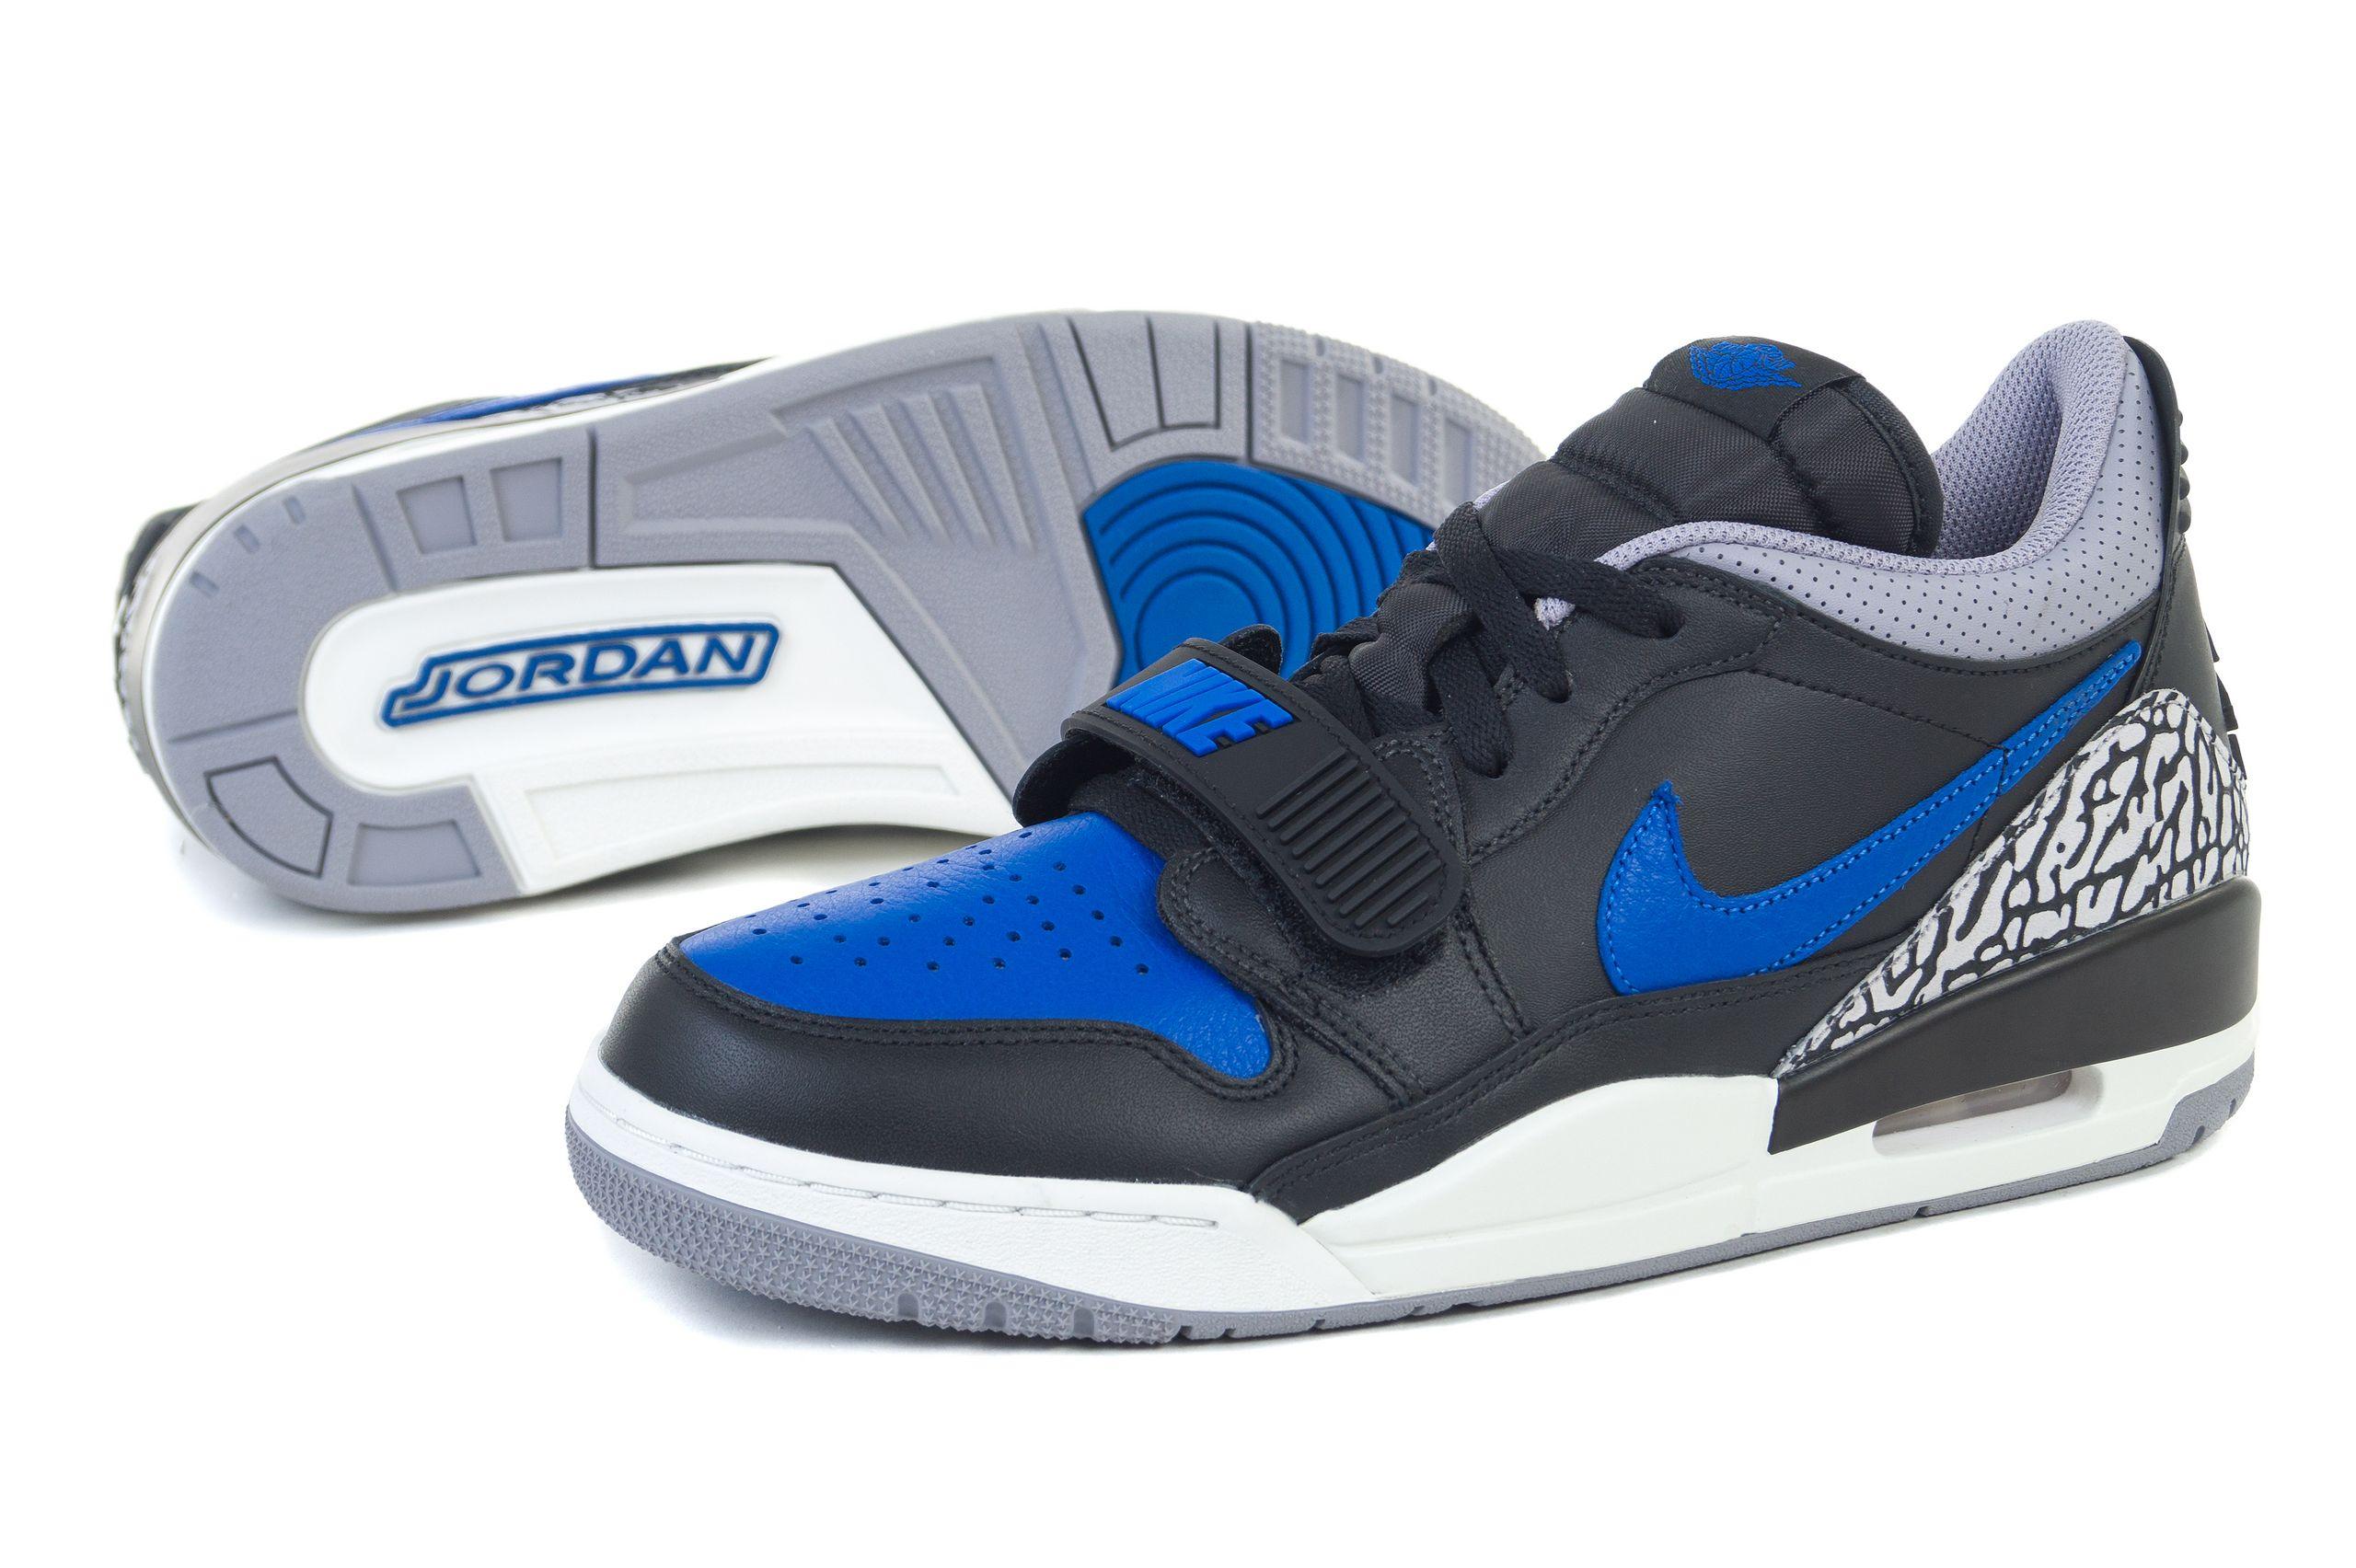 Nike air jordan legacy 312 w Buty damskie Allegro.pl